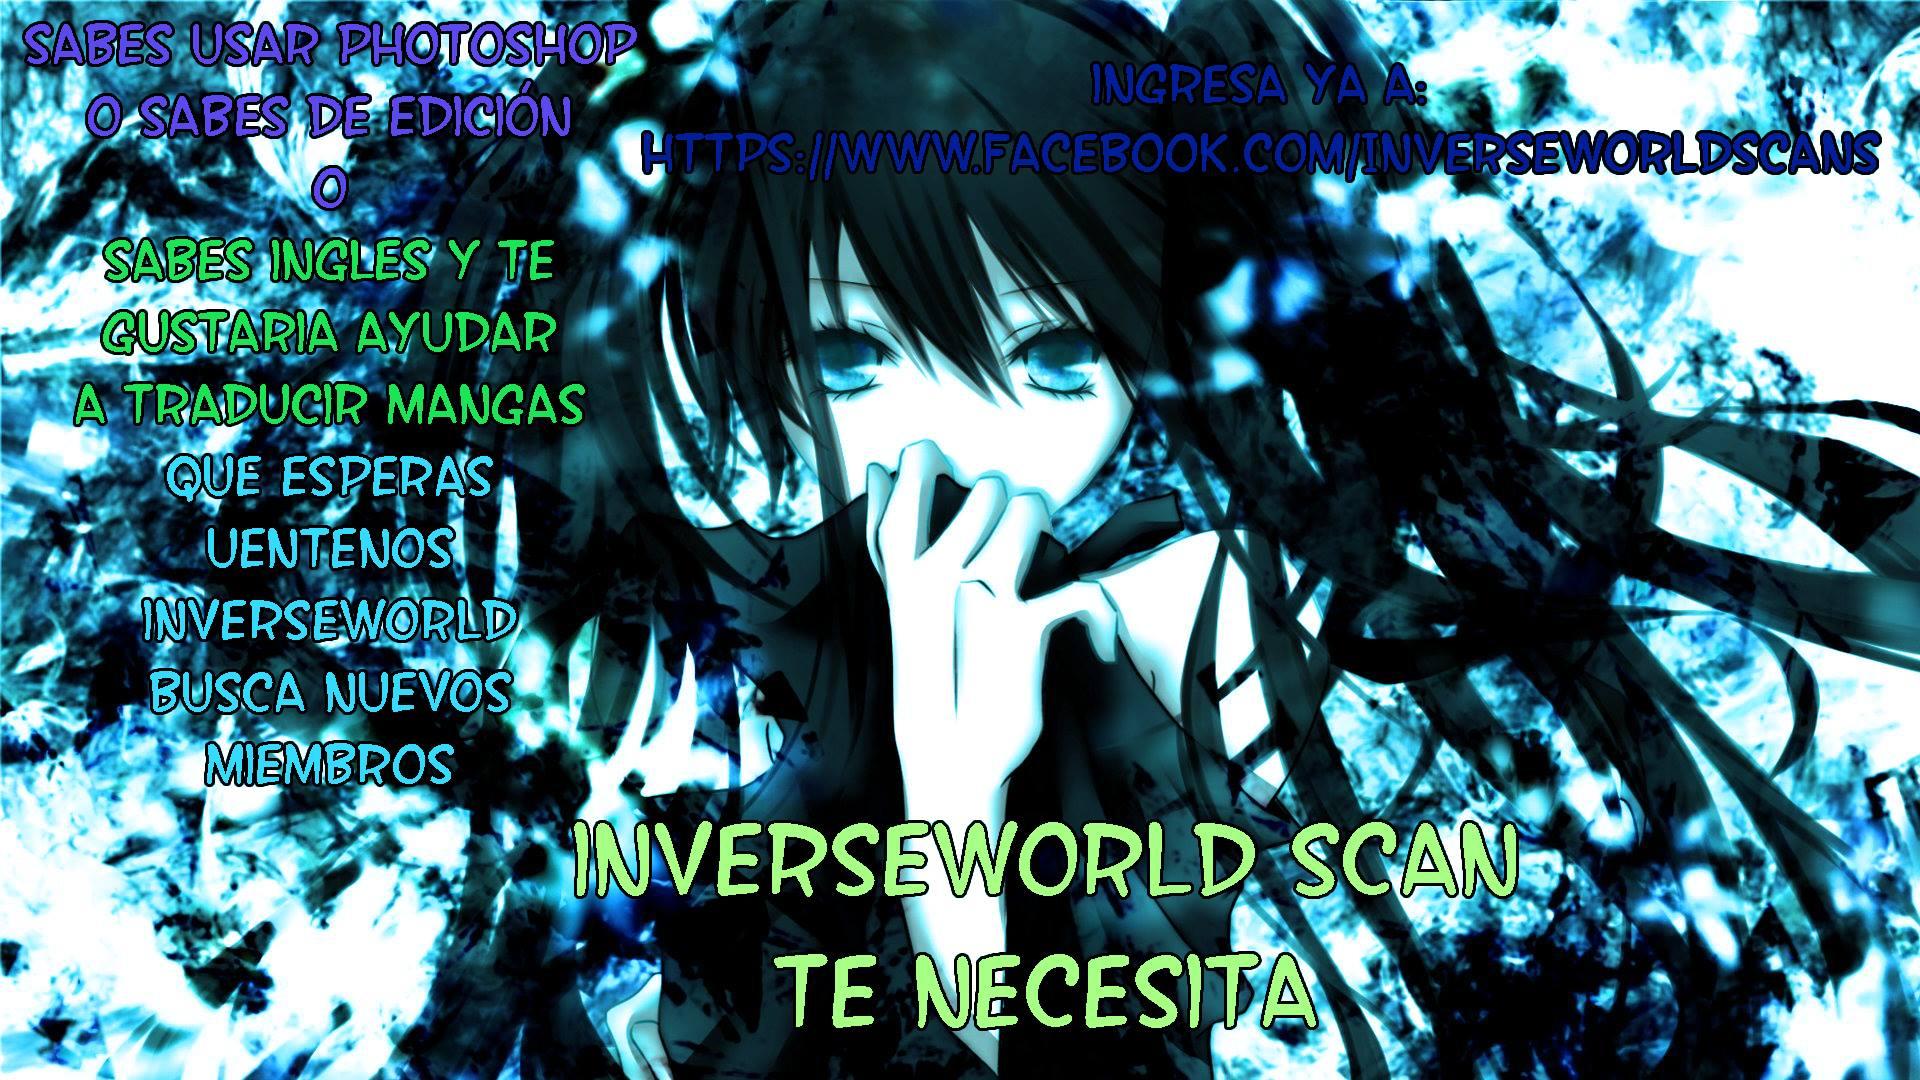 http://c5.ninemanga.com/es_manga/18/16210/415335/e4a86b0d7bf4c46d7d550a92b0b2fcae.jpg Page 1